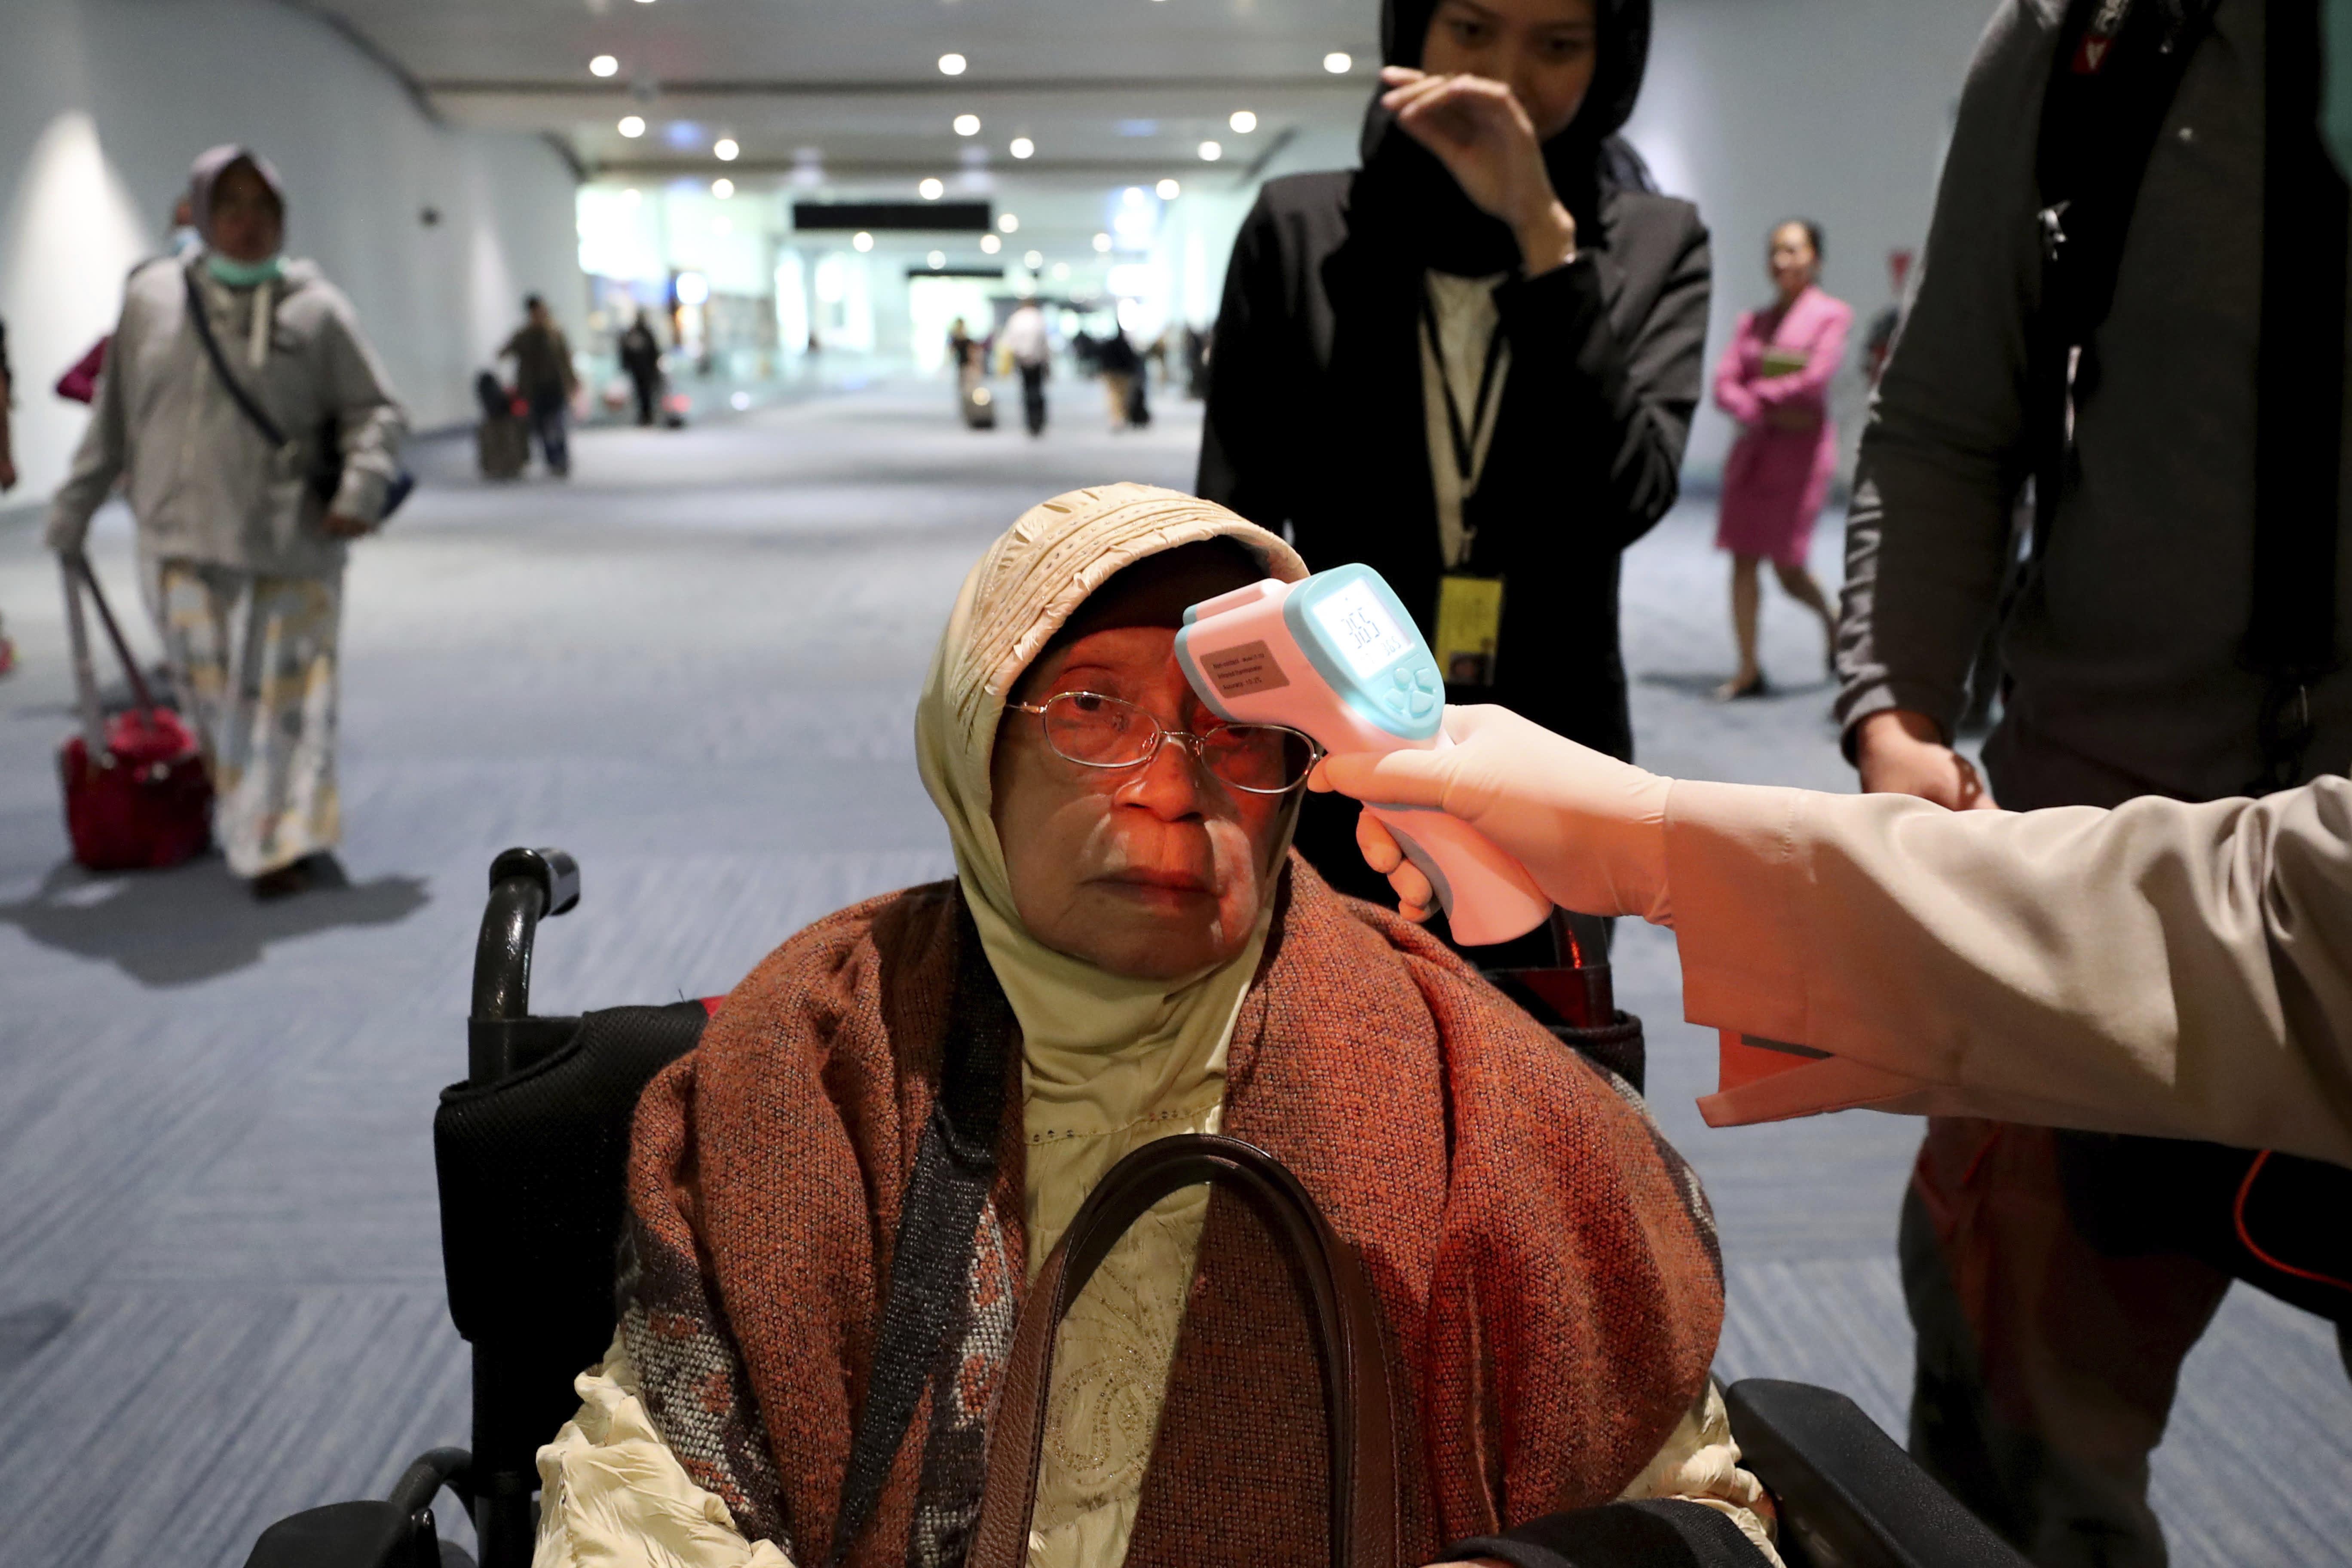 China coronavirus deaths rise to 17, heightening global alarm